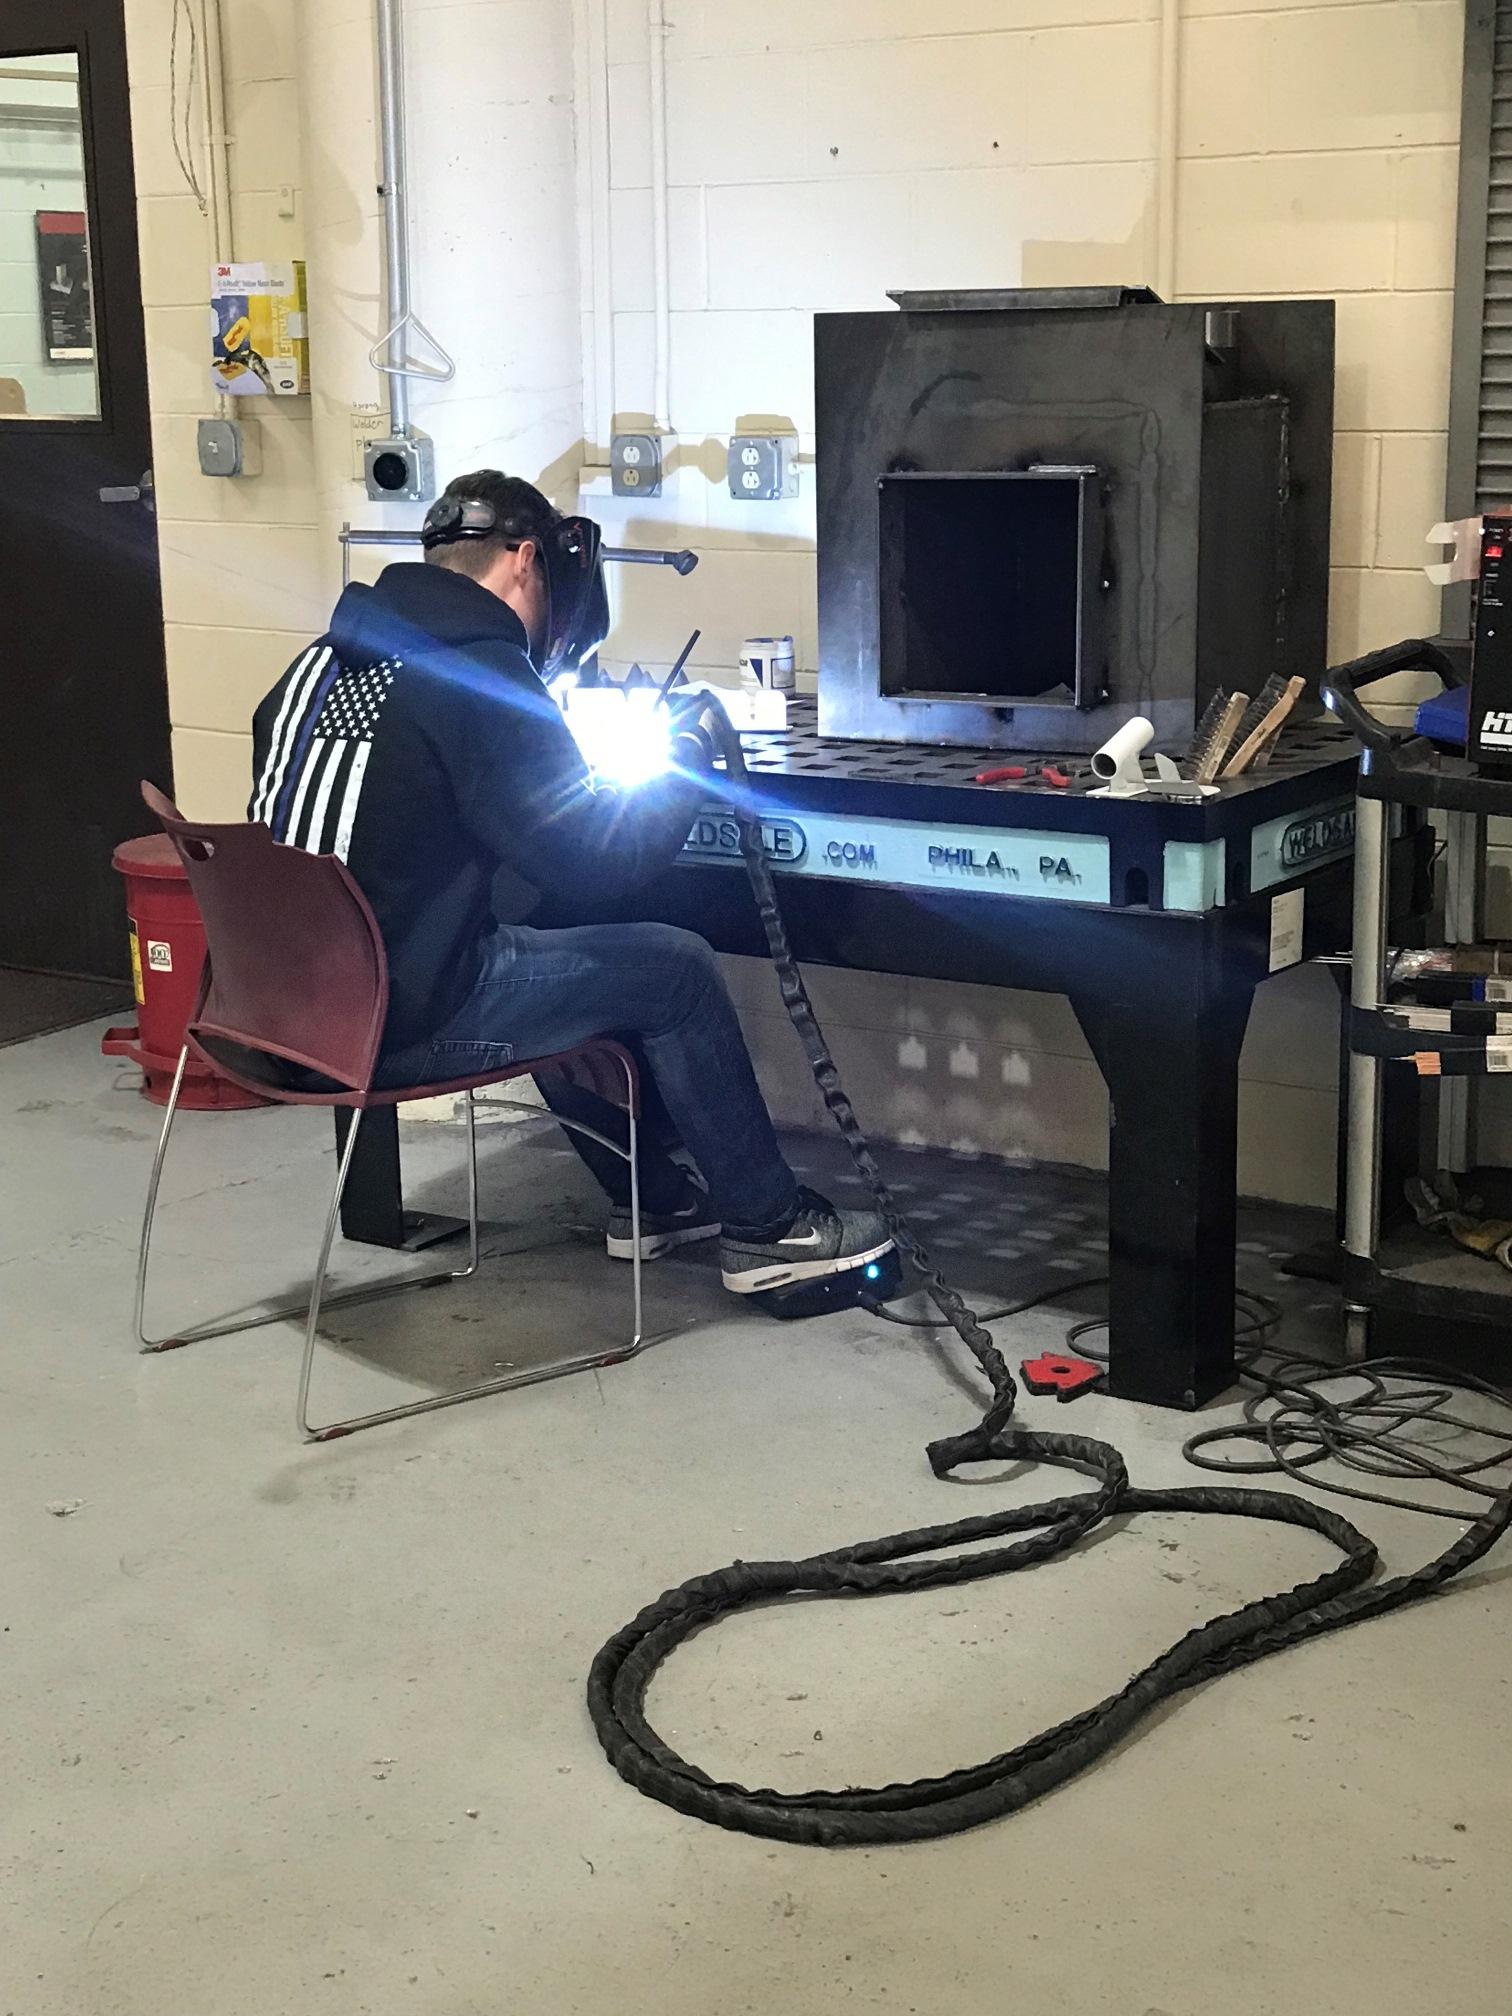 Bench welding